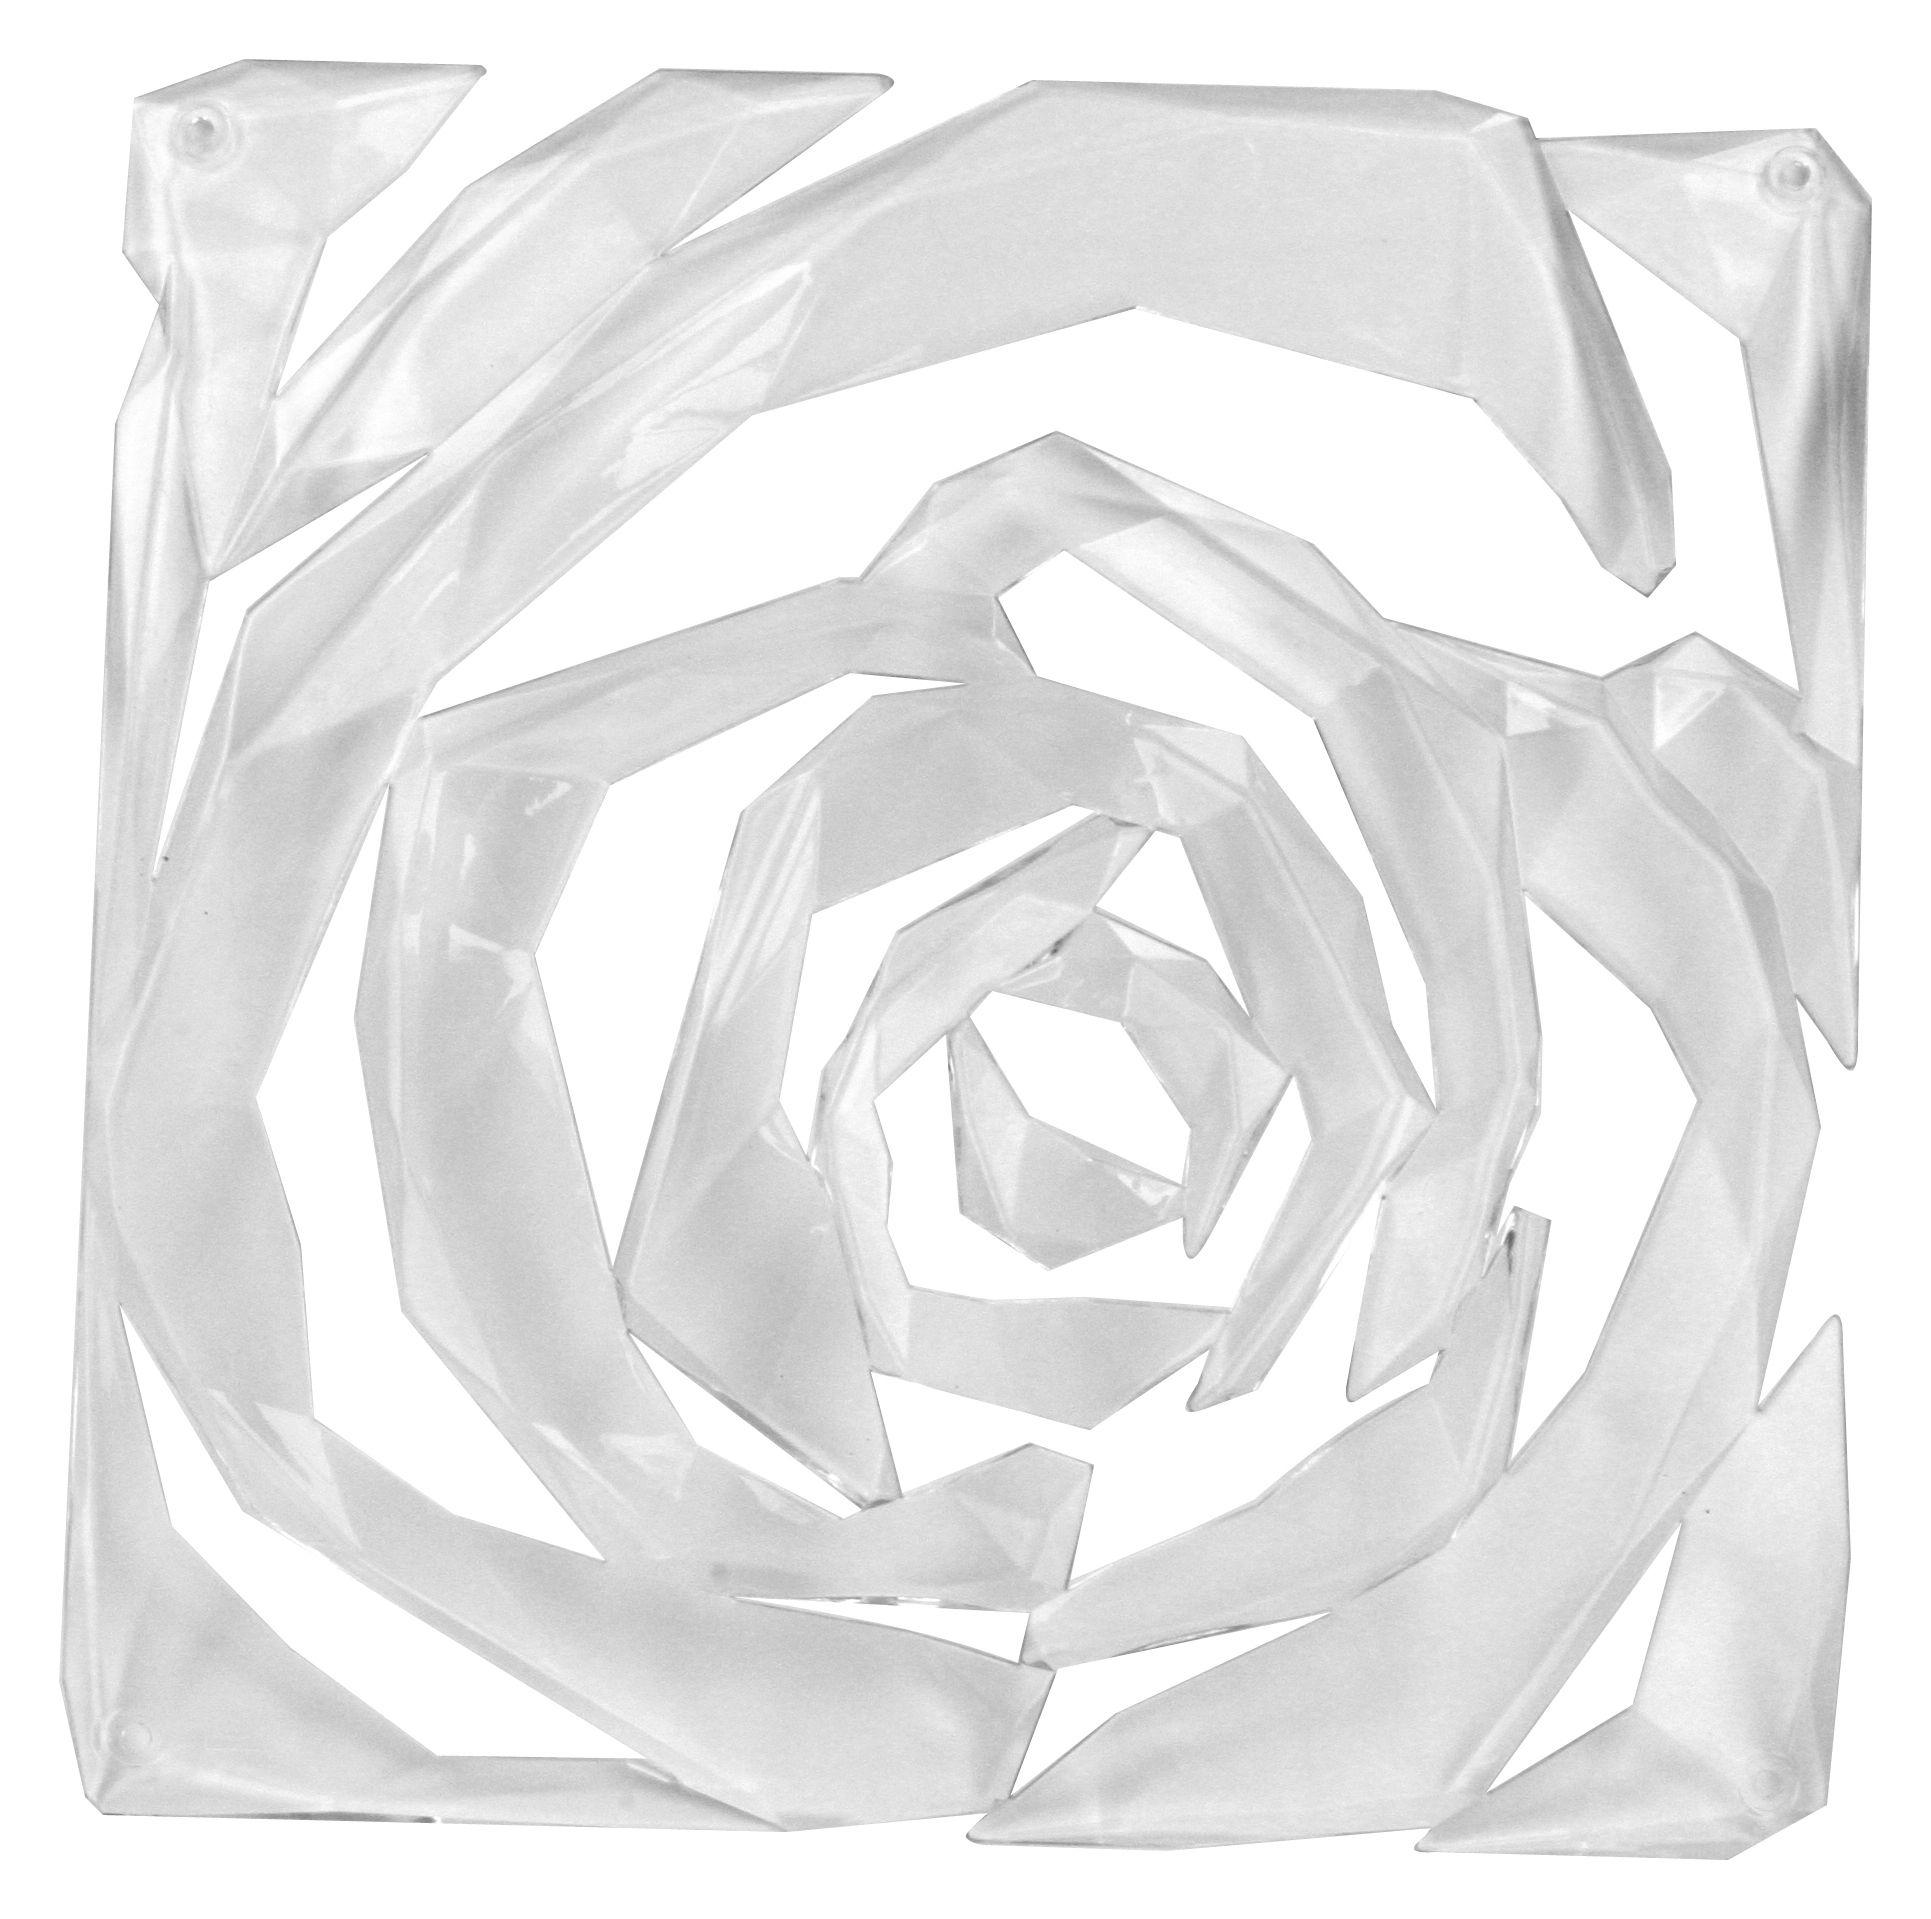 Möbel - Paravents, Raumteiler und Trennwände - Romance Zwischenwand 4er-Set (inkl. Haken) - Koziol - Transparent - Polykarbonat